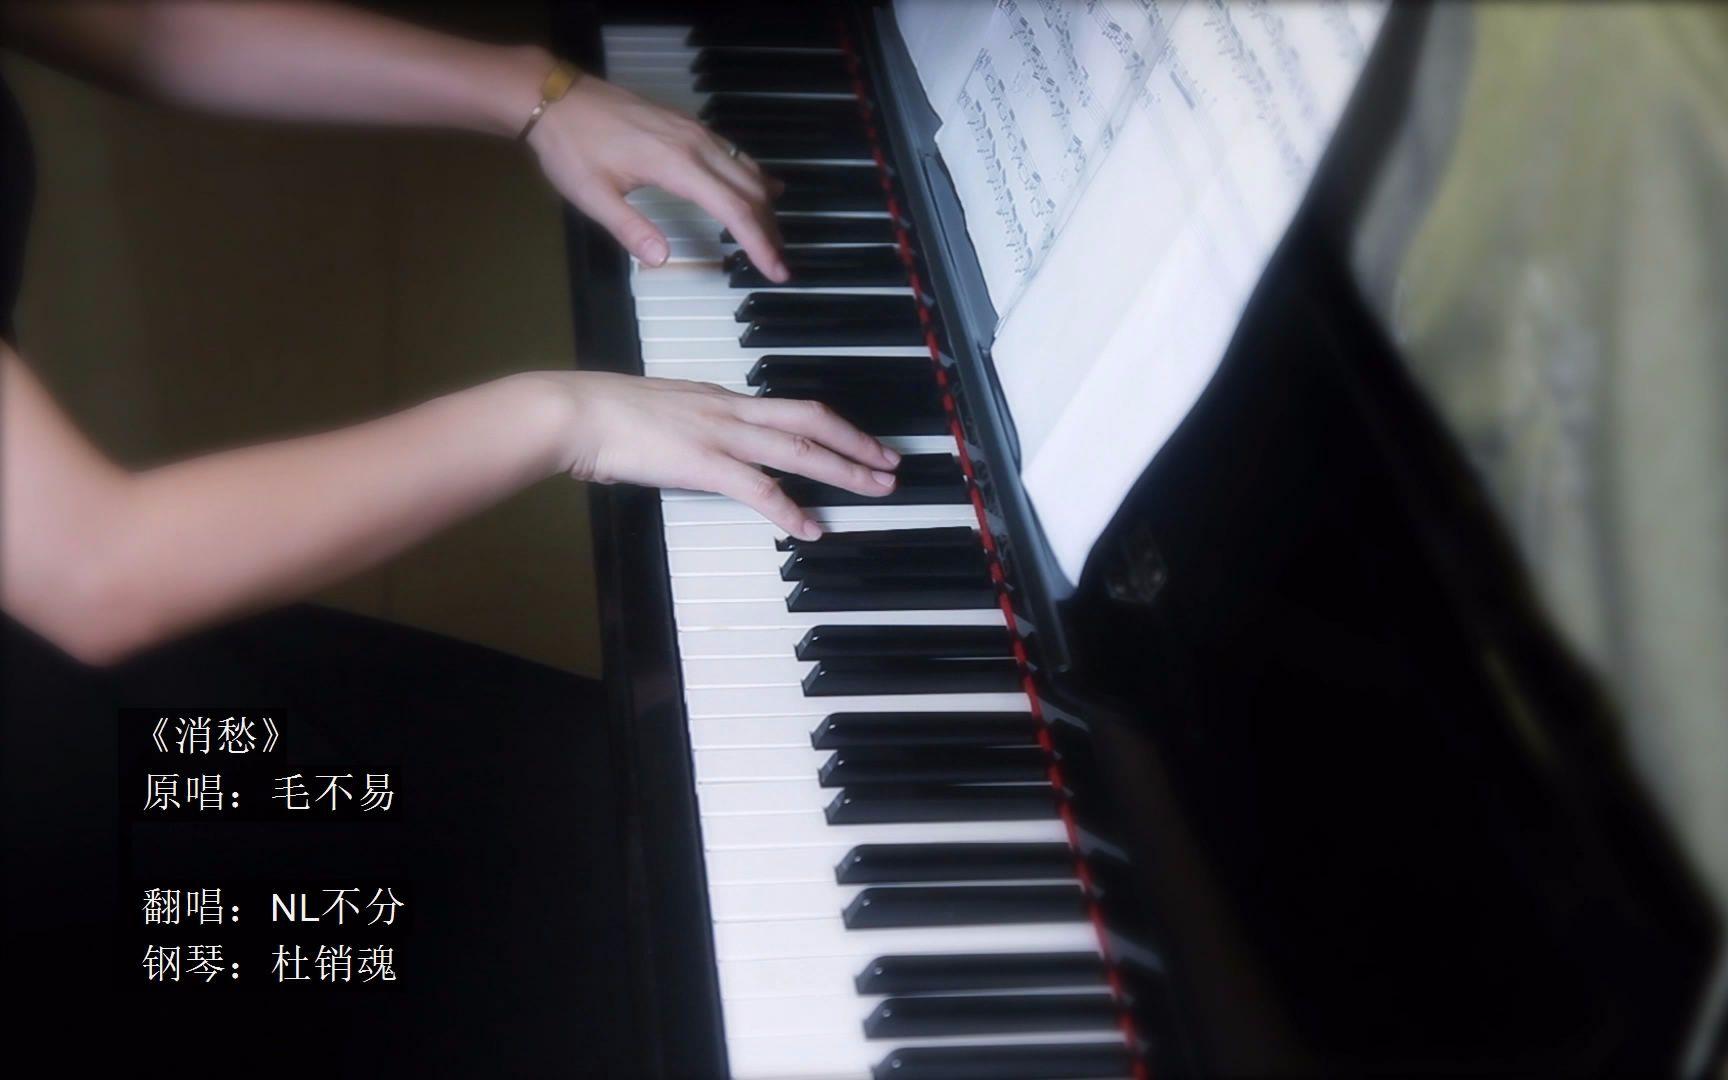 【nl不分】钢琴伴唱版《消愁》——跟随琴音一起,一杯图片